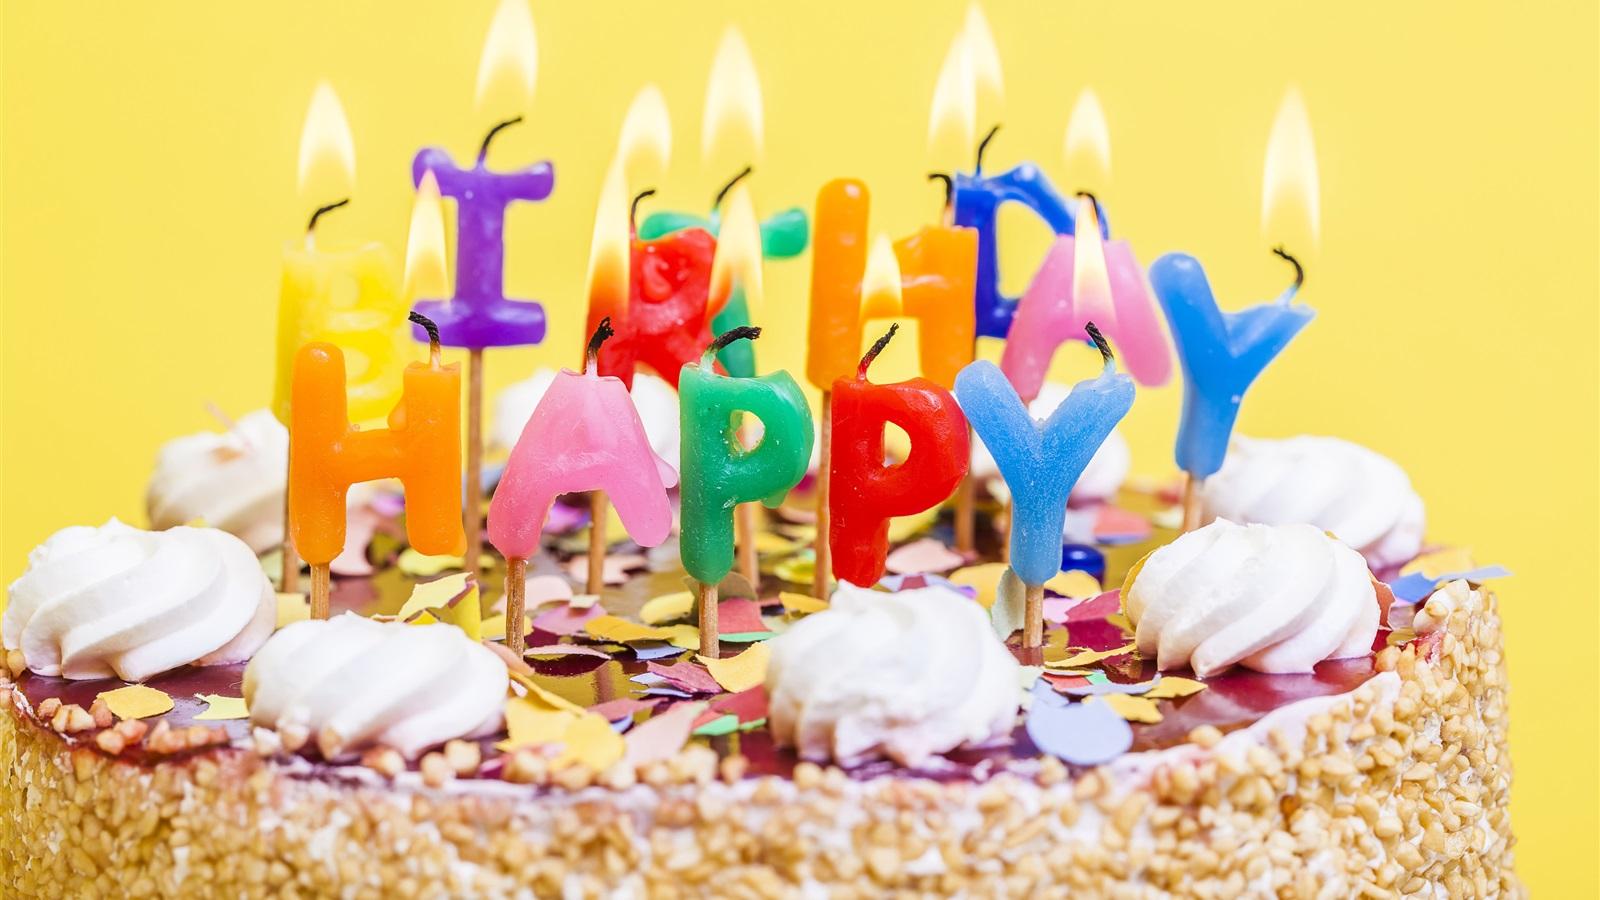 касается картинки тортиков с днем рождения порядка изъяли